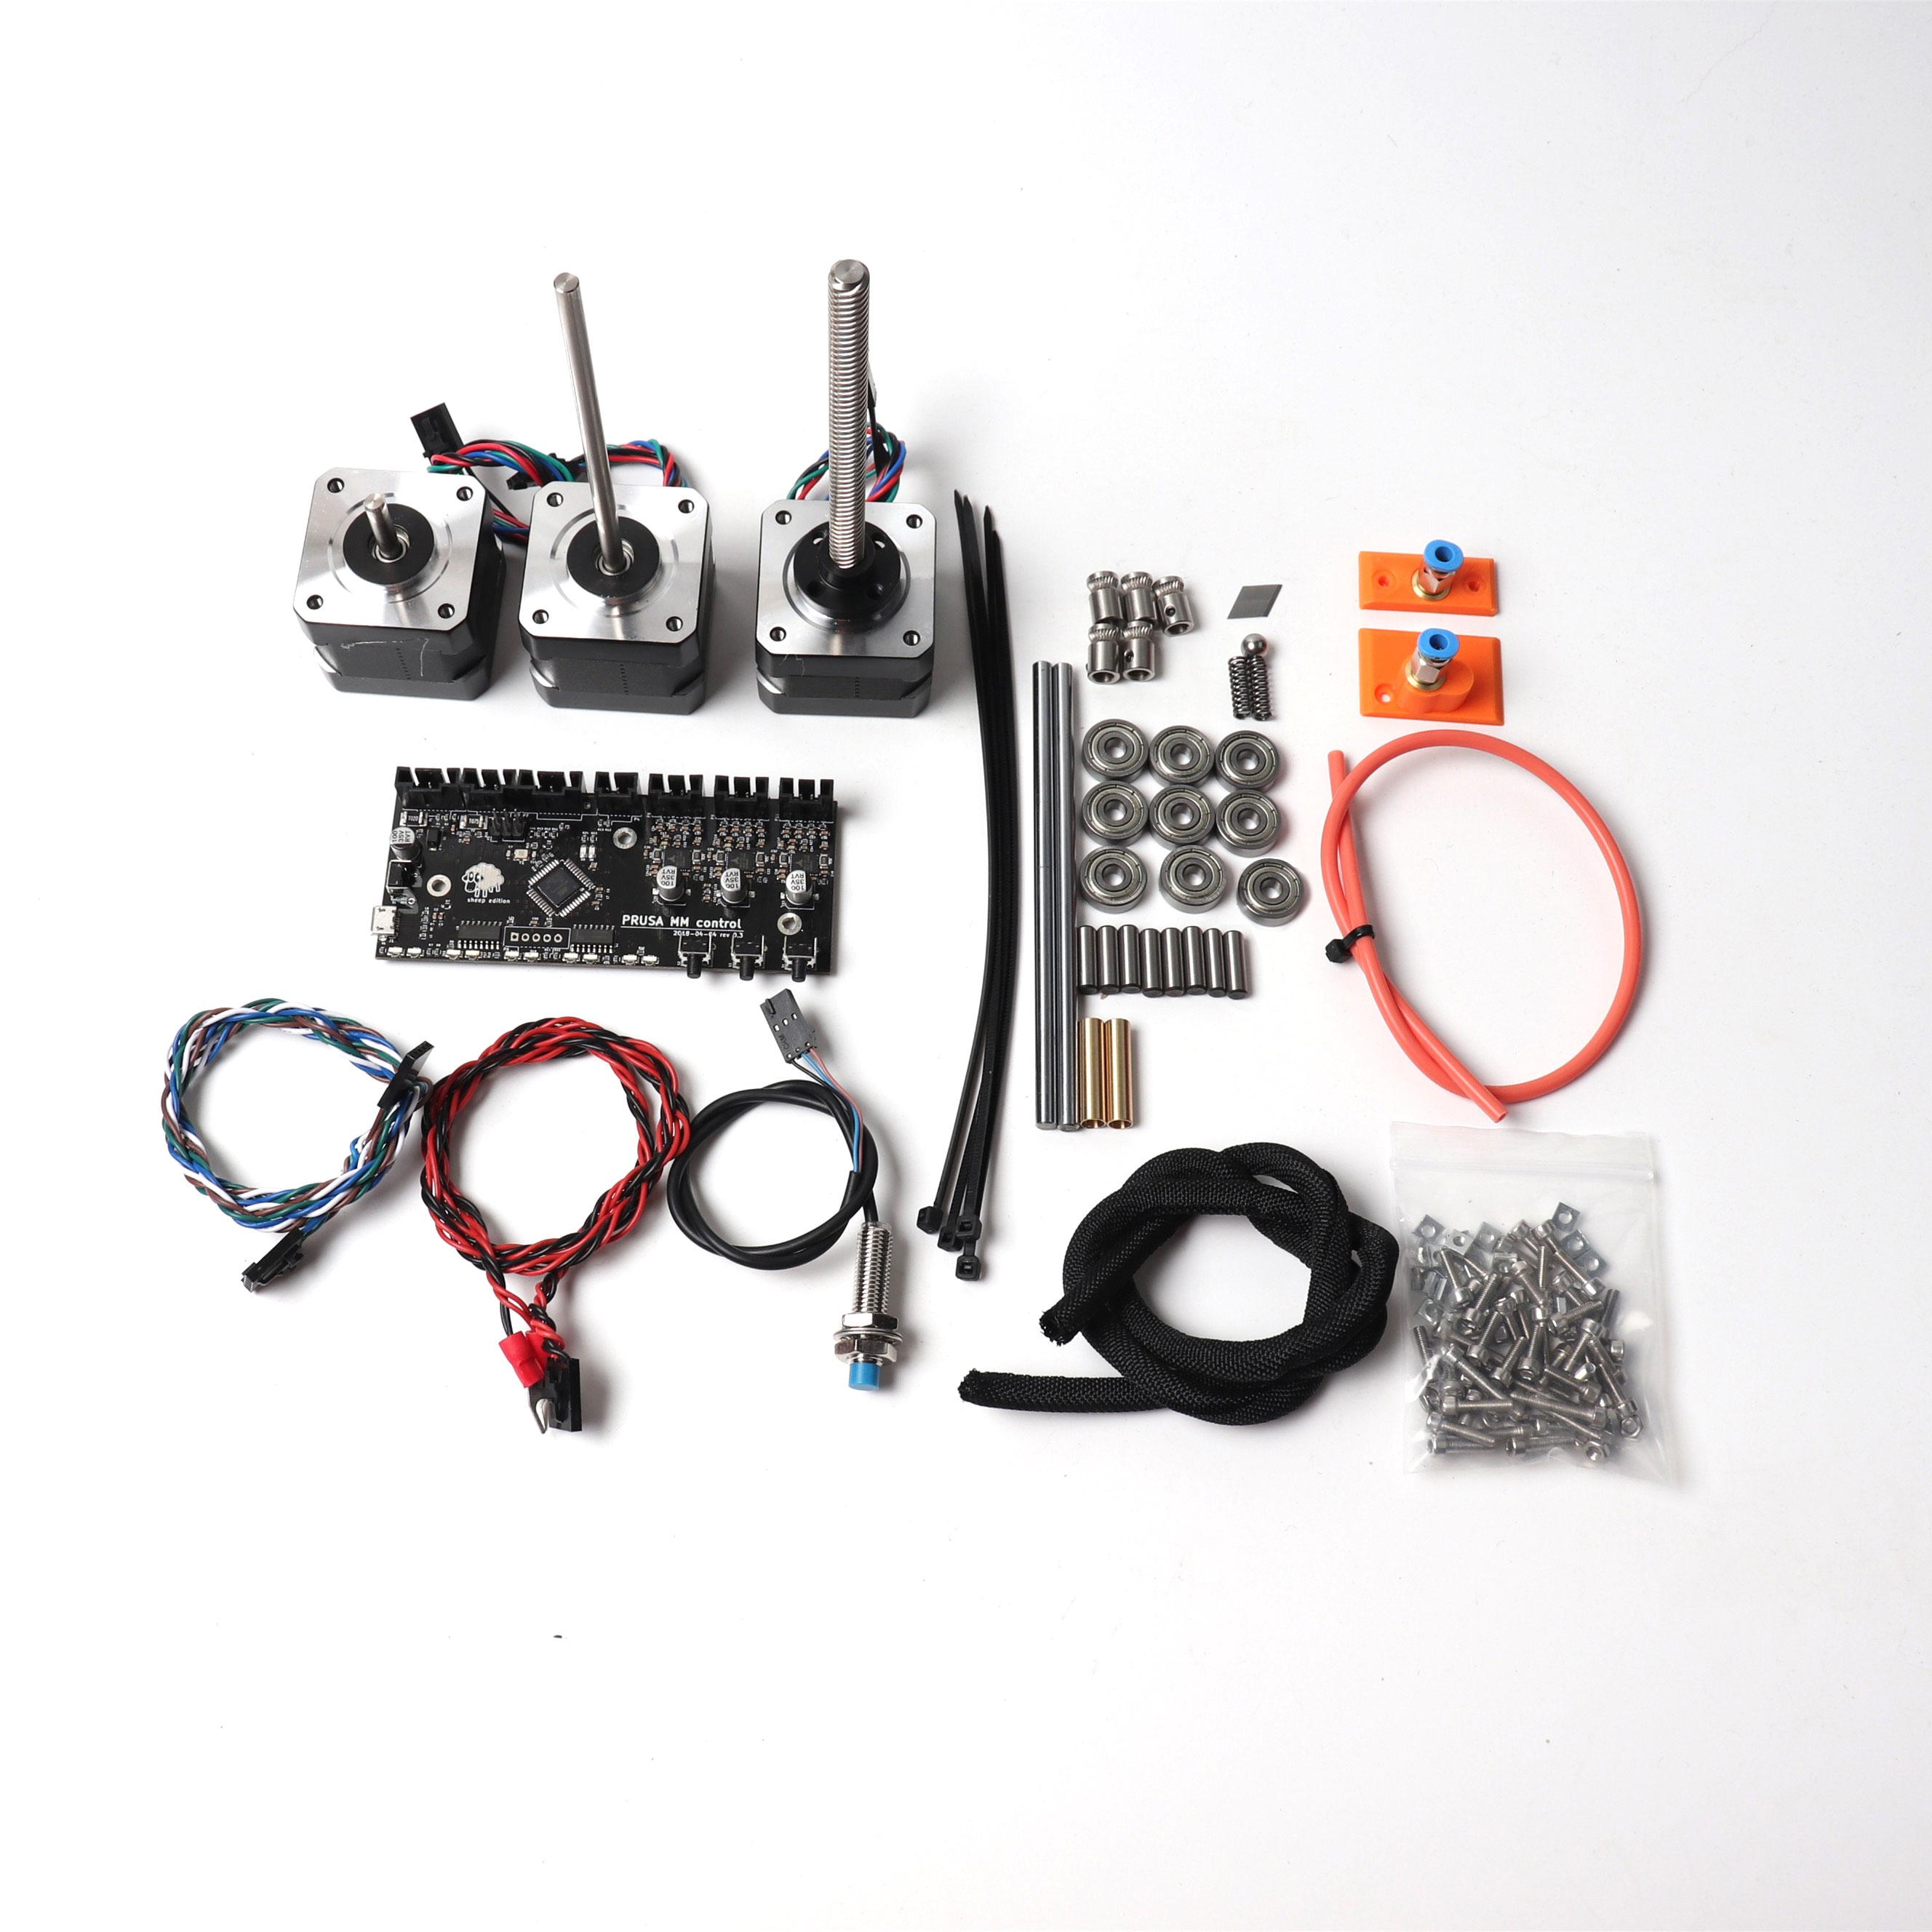 Prusa i3 MK2 5 MK3 MMU V2 kit Multi Material control board motors kit FINDA probe